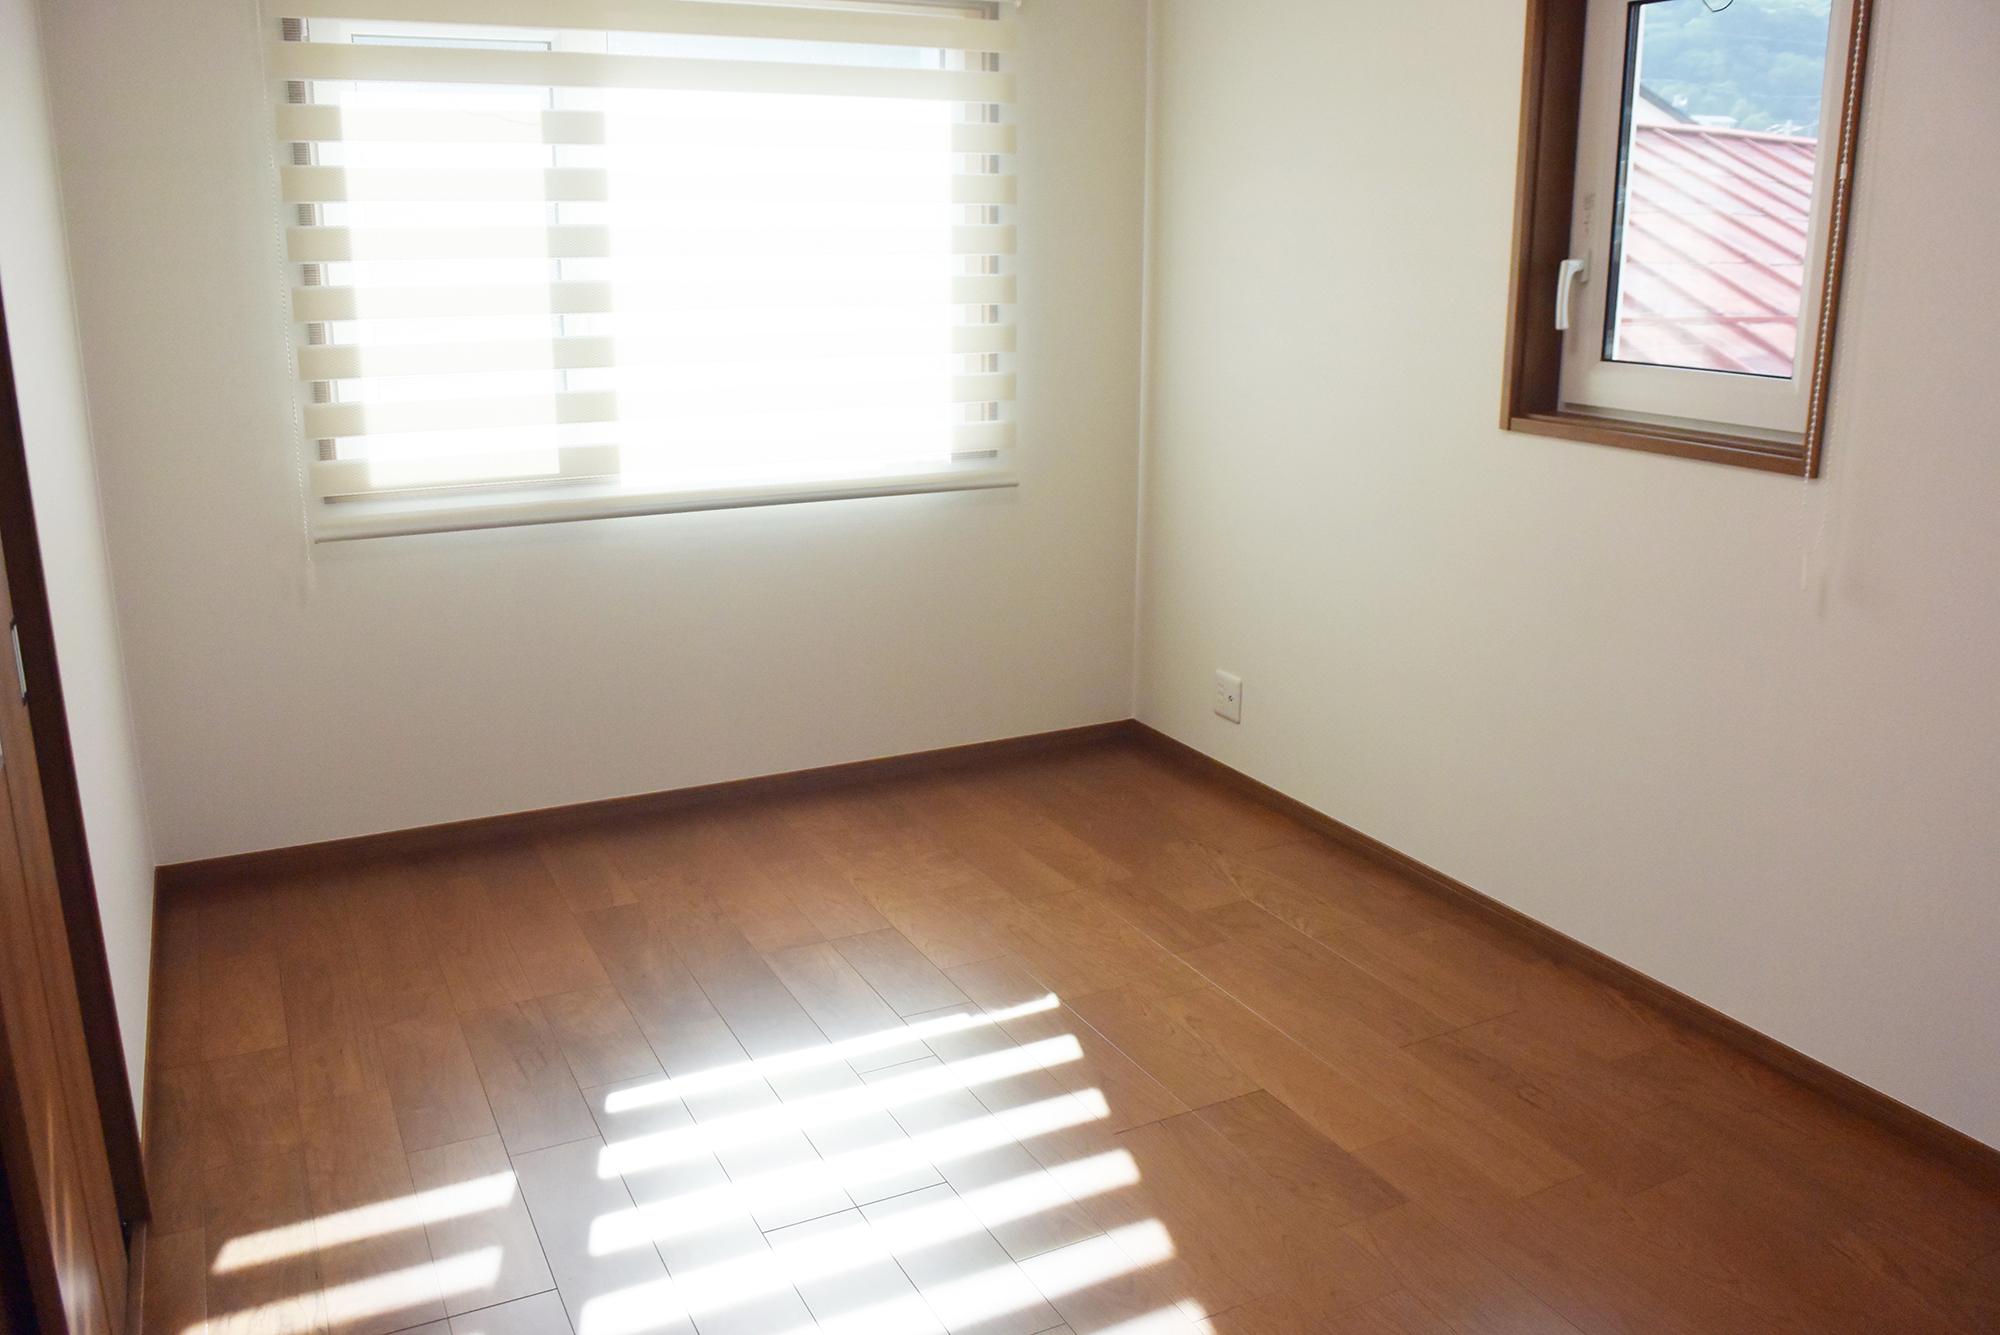 柔らかな光も差し込む、ゆったりと過ごせる2F洋室。